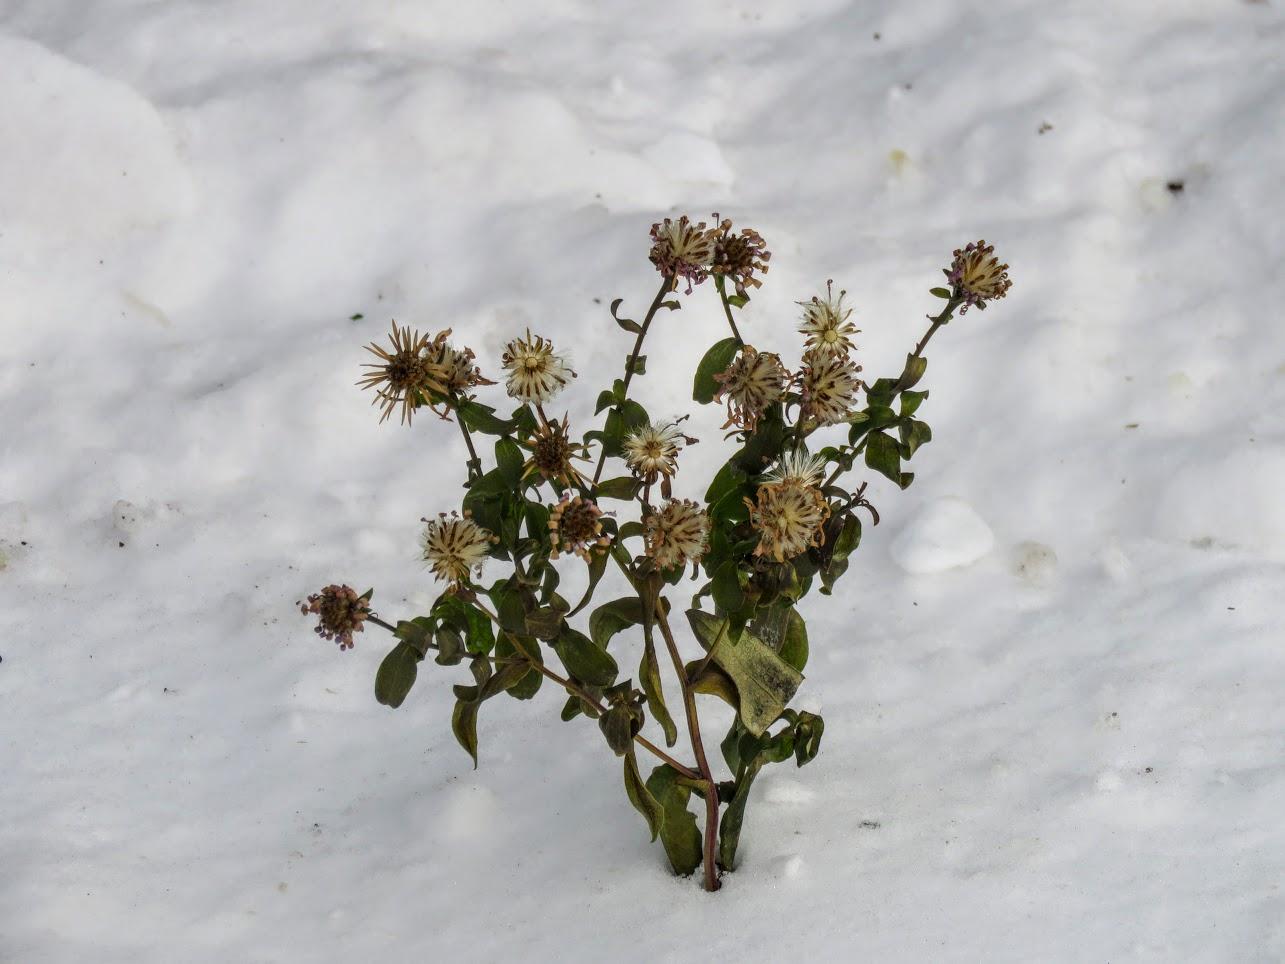 Розовый снежноягодник, снегири и другие прелести дня. Мой Мурыч с утра) IMG 2606